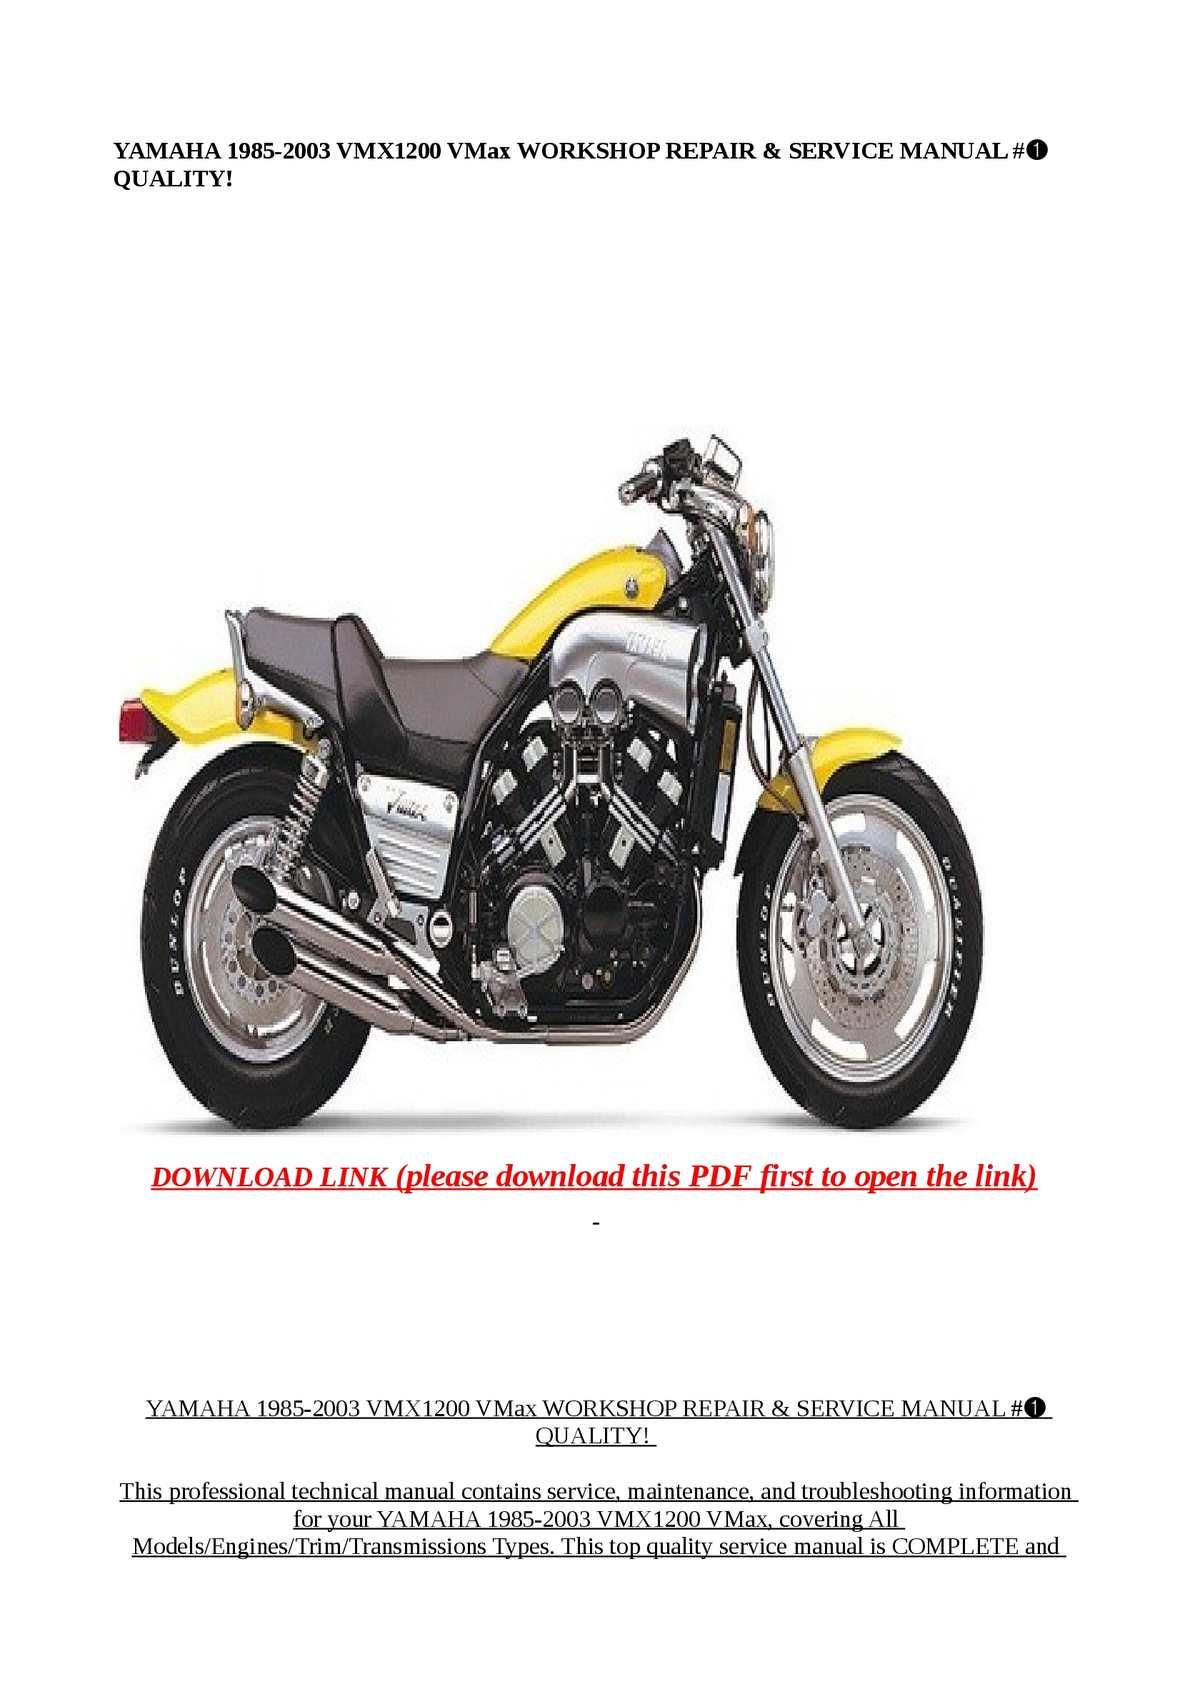 Calamo Yamaha 1985 2003 Vmx1200 Vmax Workshop Repa Fuel Filter